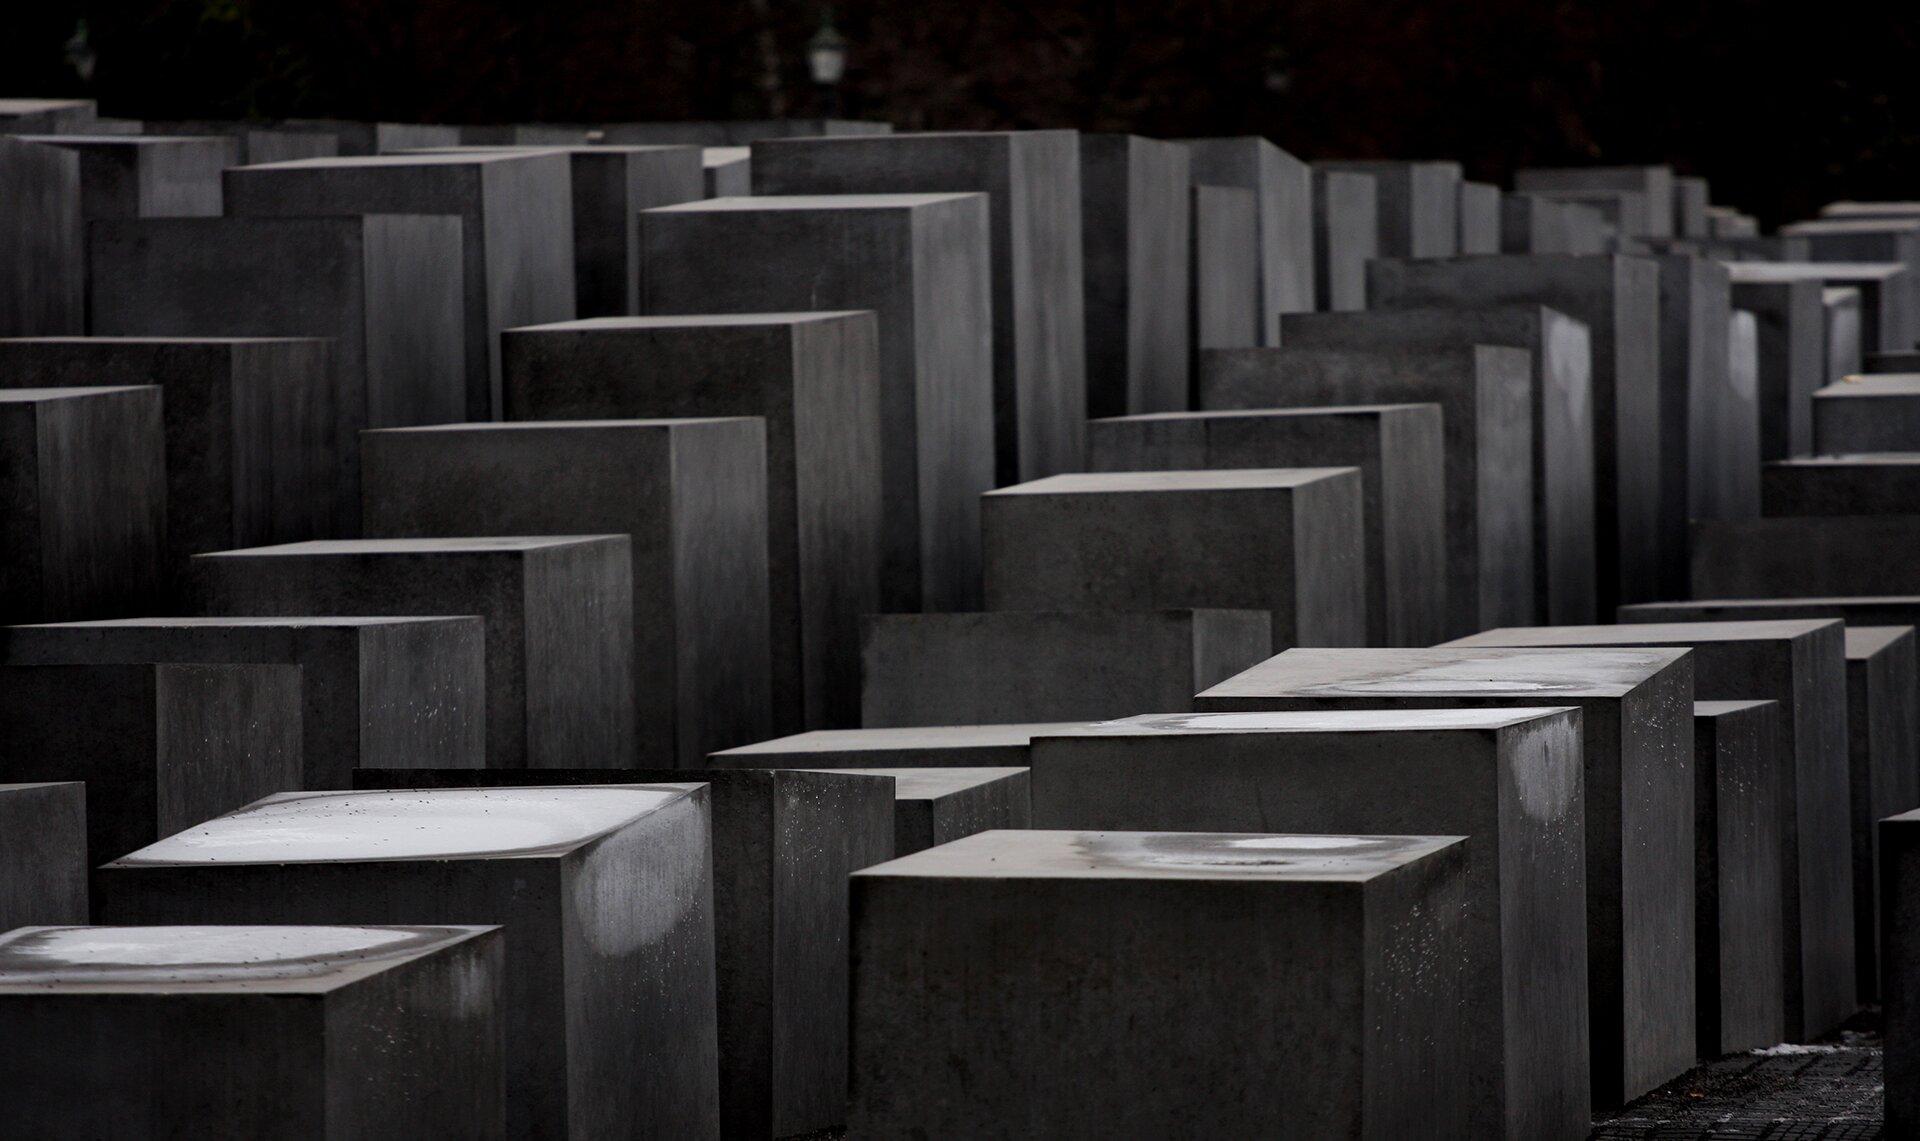 Berliński pomnik poświęcony pamięci europejskich Żydów zgładzonych podczas II wojny światowej Berliński pomnik poświęcony pamięci europejskich Żydów zgładzonych podczas II wojny światowej Źródło: flickr.com/Nicola Romagna, licencja: CC BY 2.0.